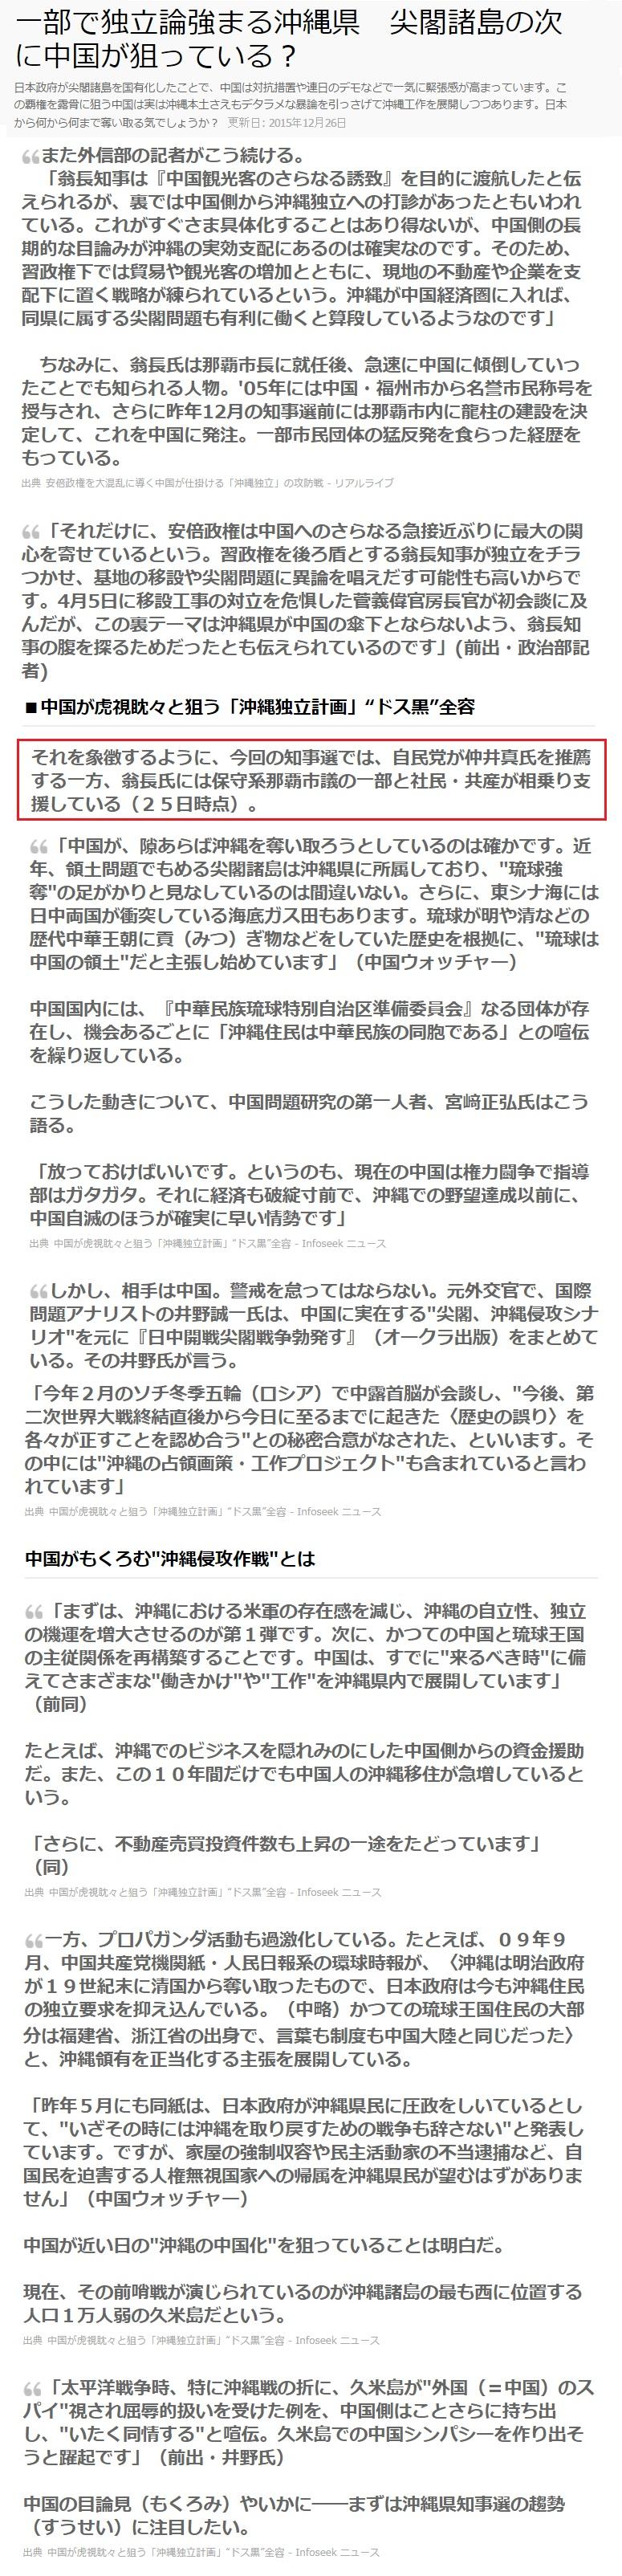 沖縄を狙うシナ2